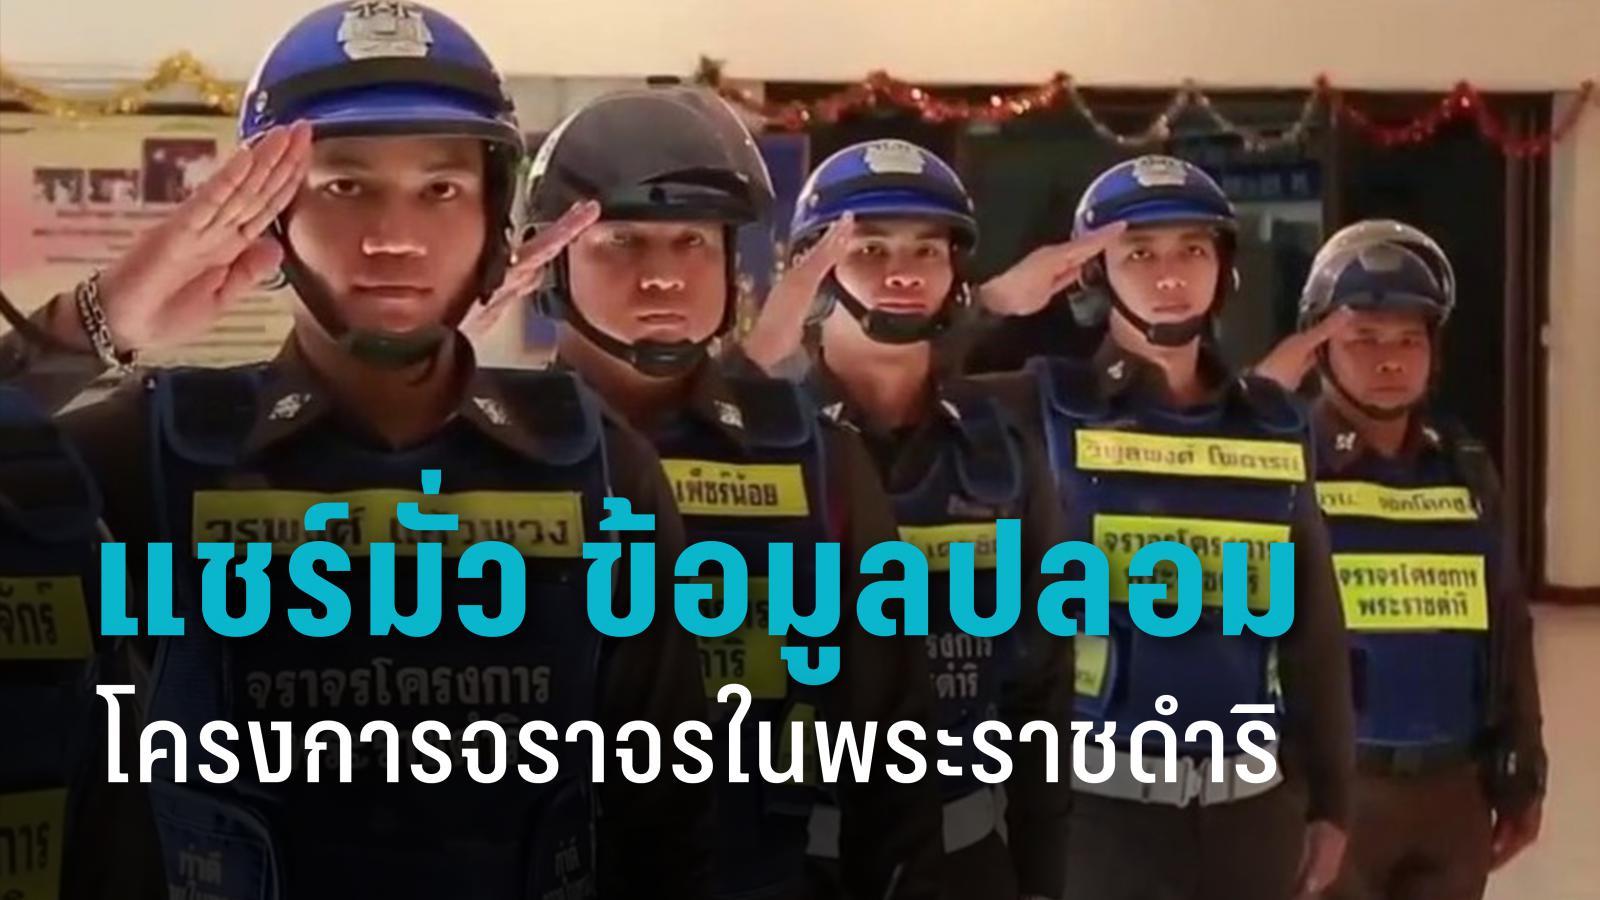 'นครบาล' แจงข่าวมั่ว ตำรวจจราจรในพระราชดำริ เตือนกุข่าวเท็จ ผิดหลายกระทง